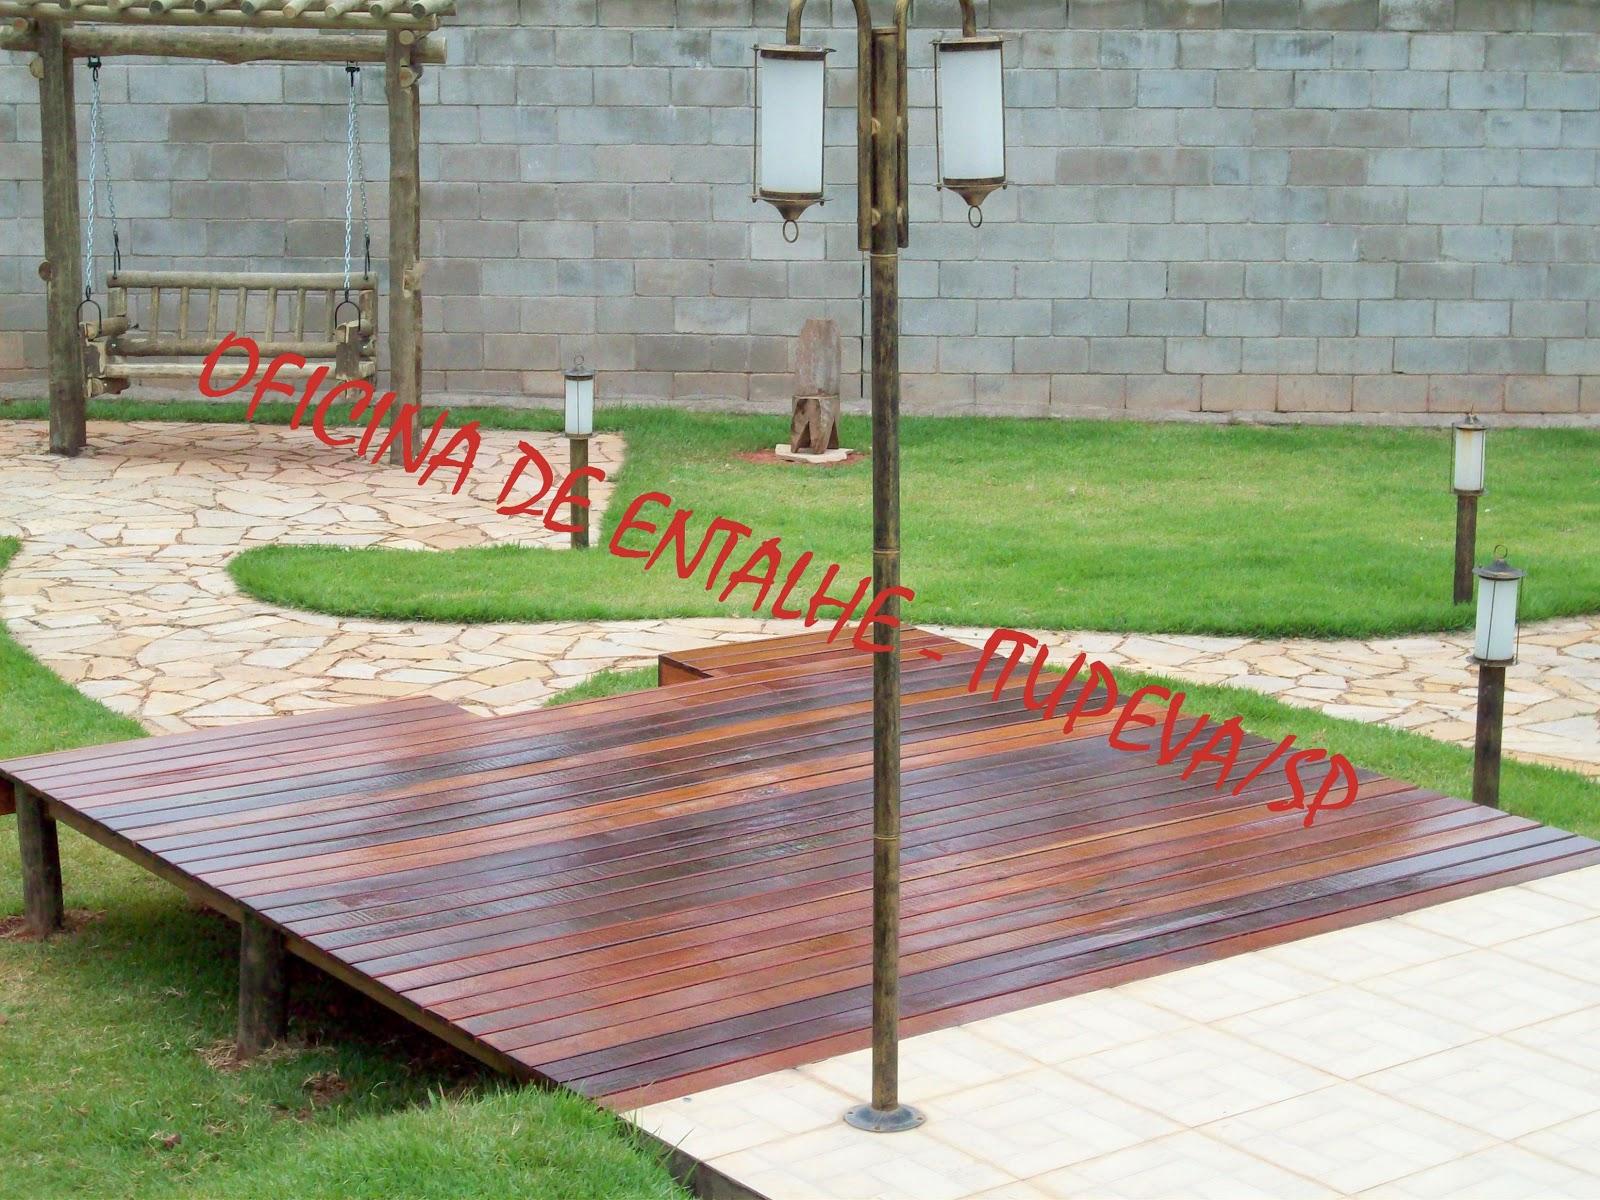 Download Banco rústico de balanço e deck suspenso em madeira tratada